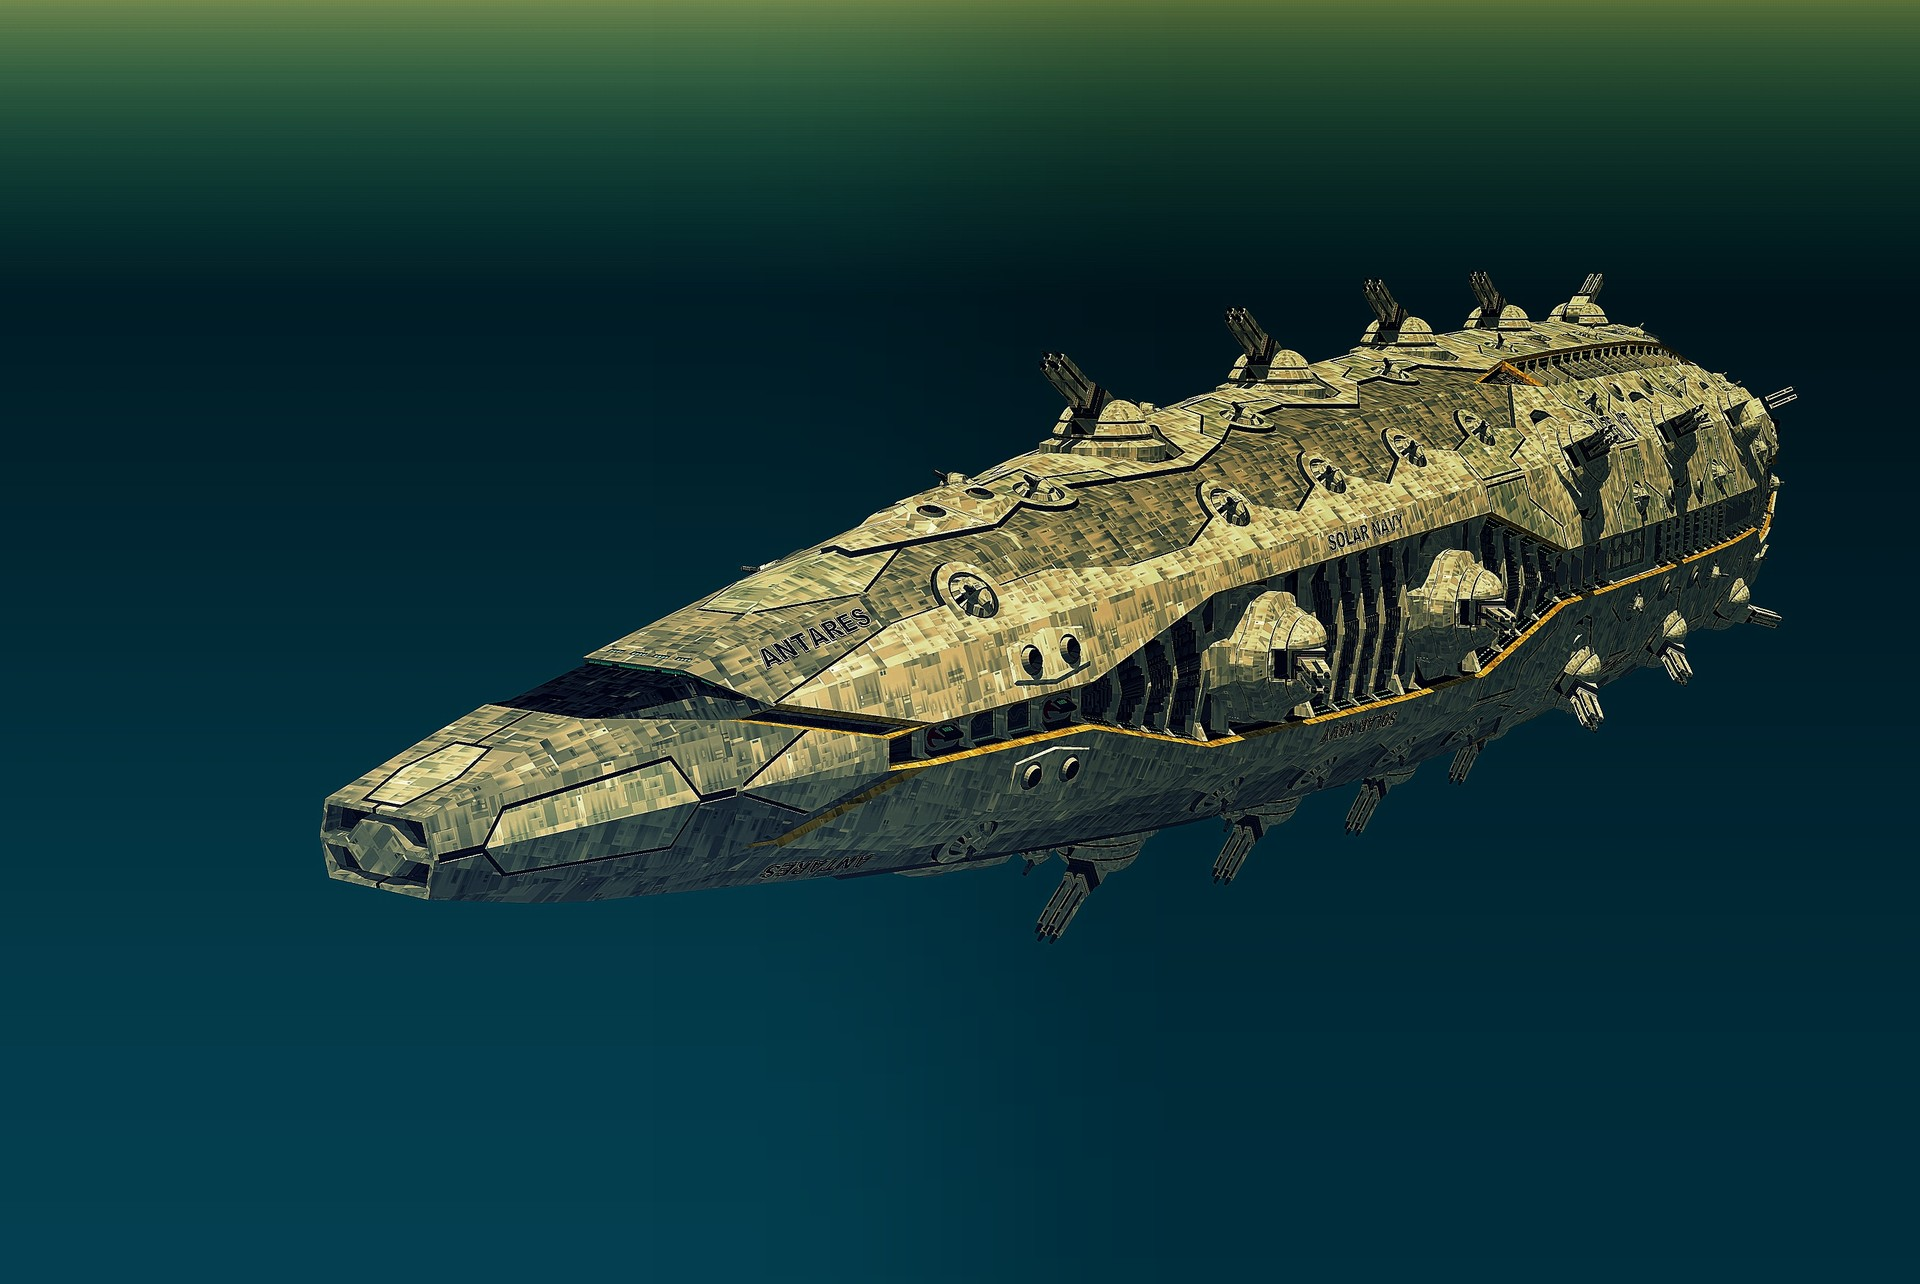 Joachim sverd antares class battlecruiser front perspective view2